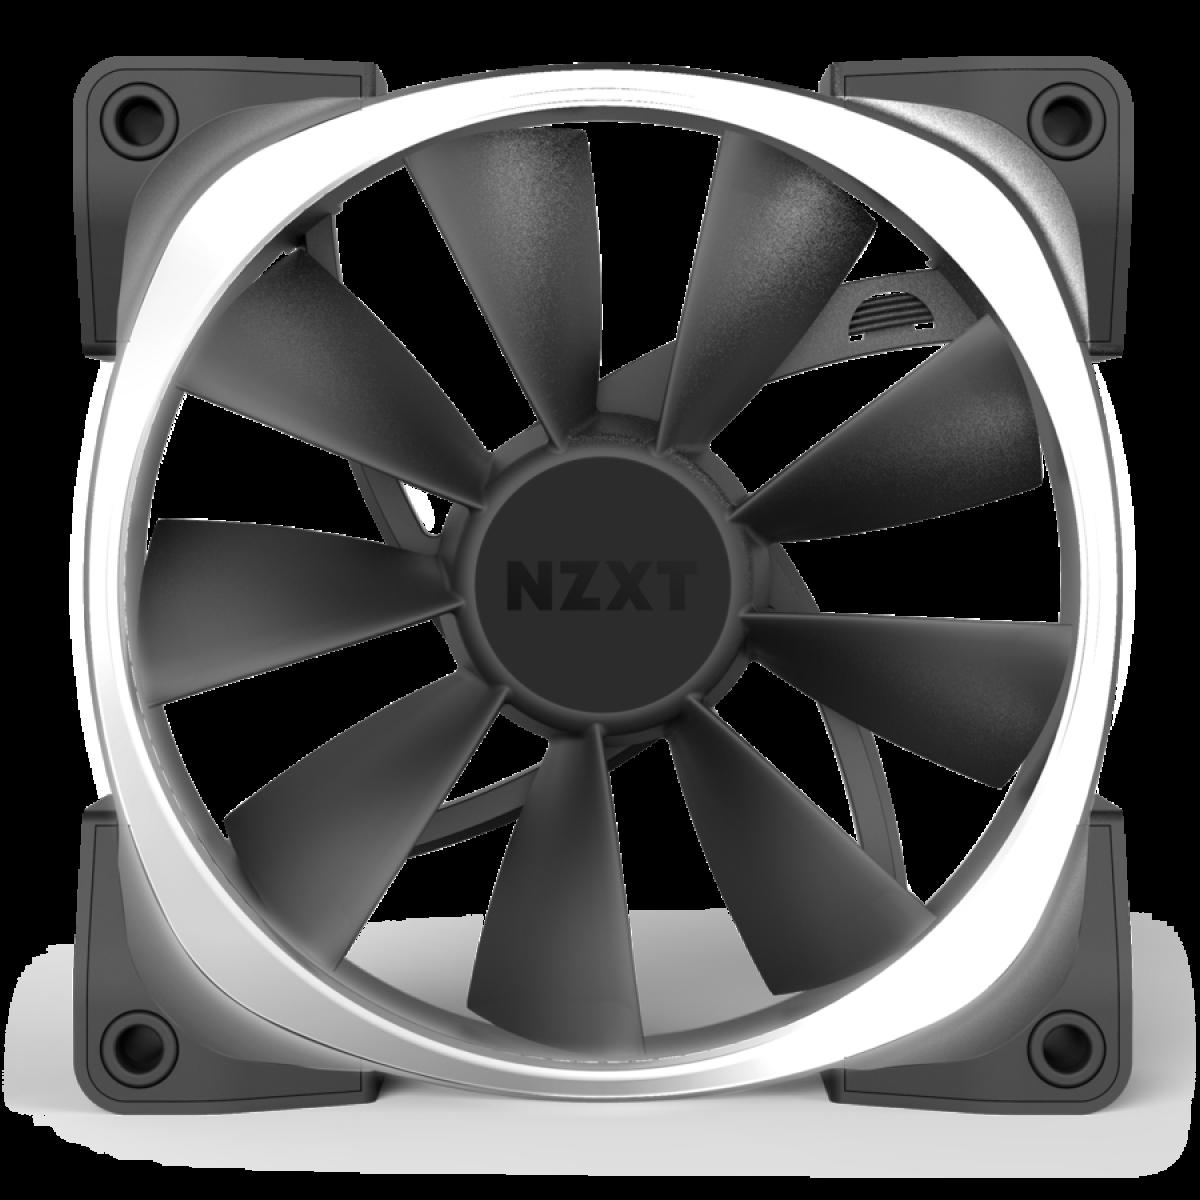 Cooler para Gabinete NZXT AER RGB 2 120mm, HF-28120-B1